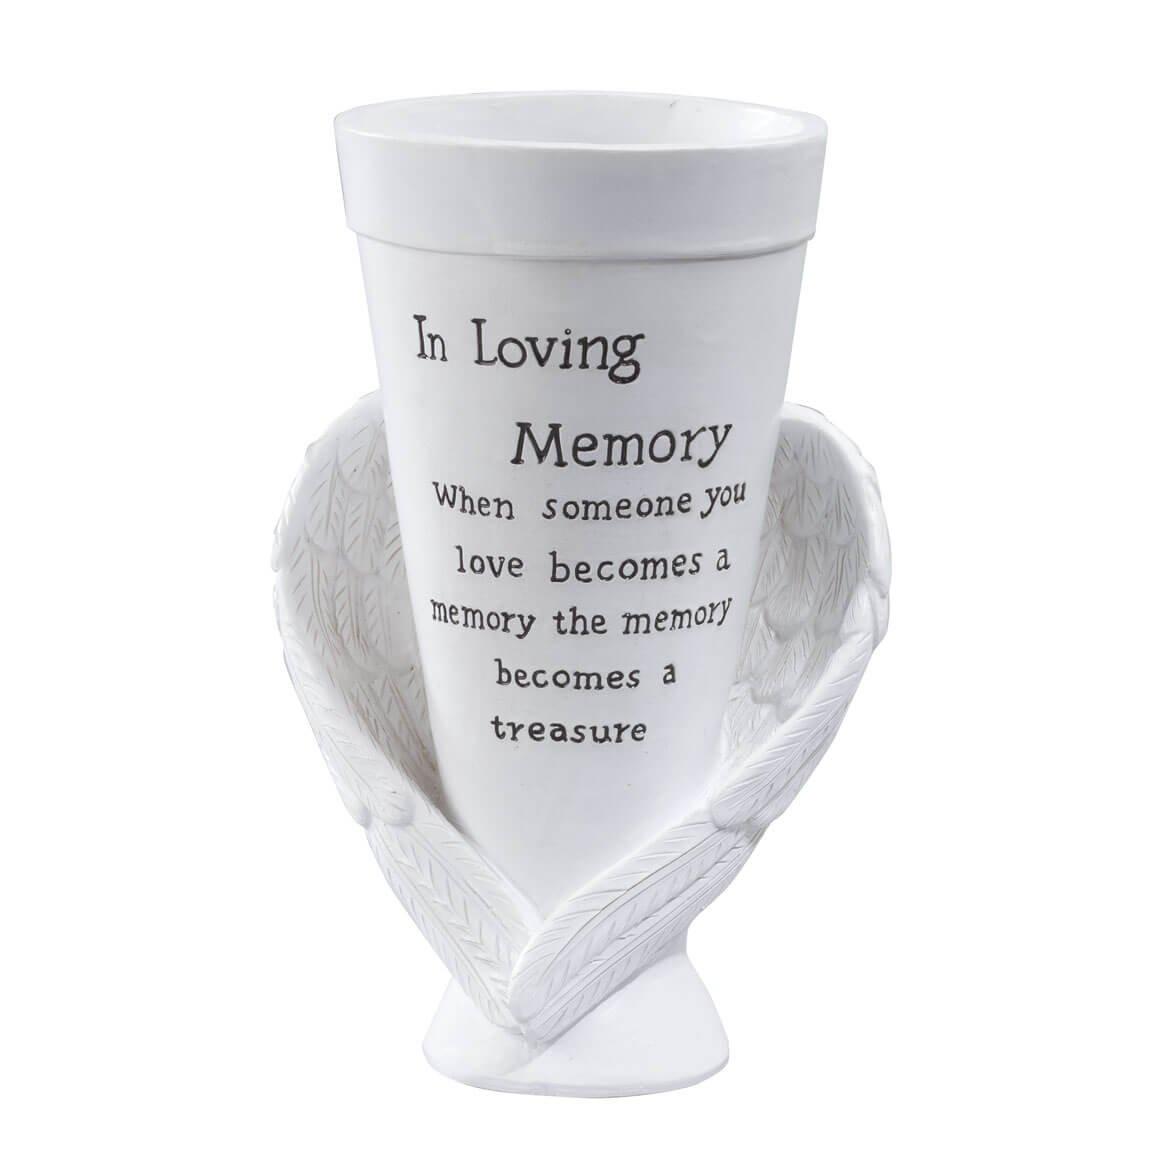 樹脂Memorial Cemetery花瓶by Maple Lane Creations B075DKXSWJ